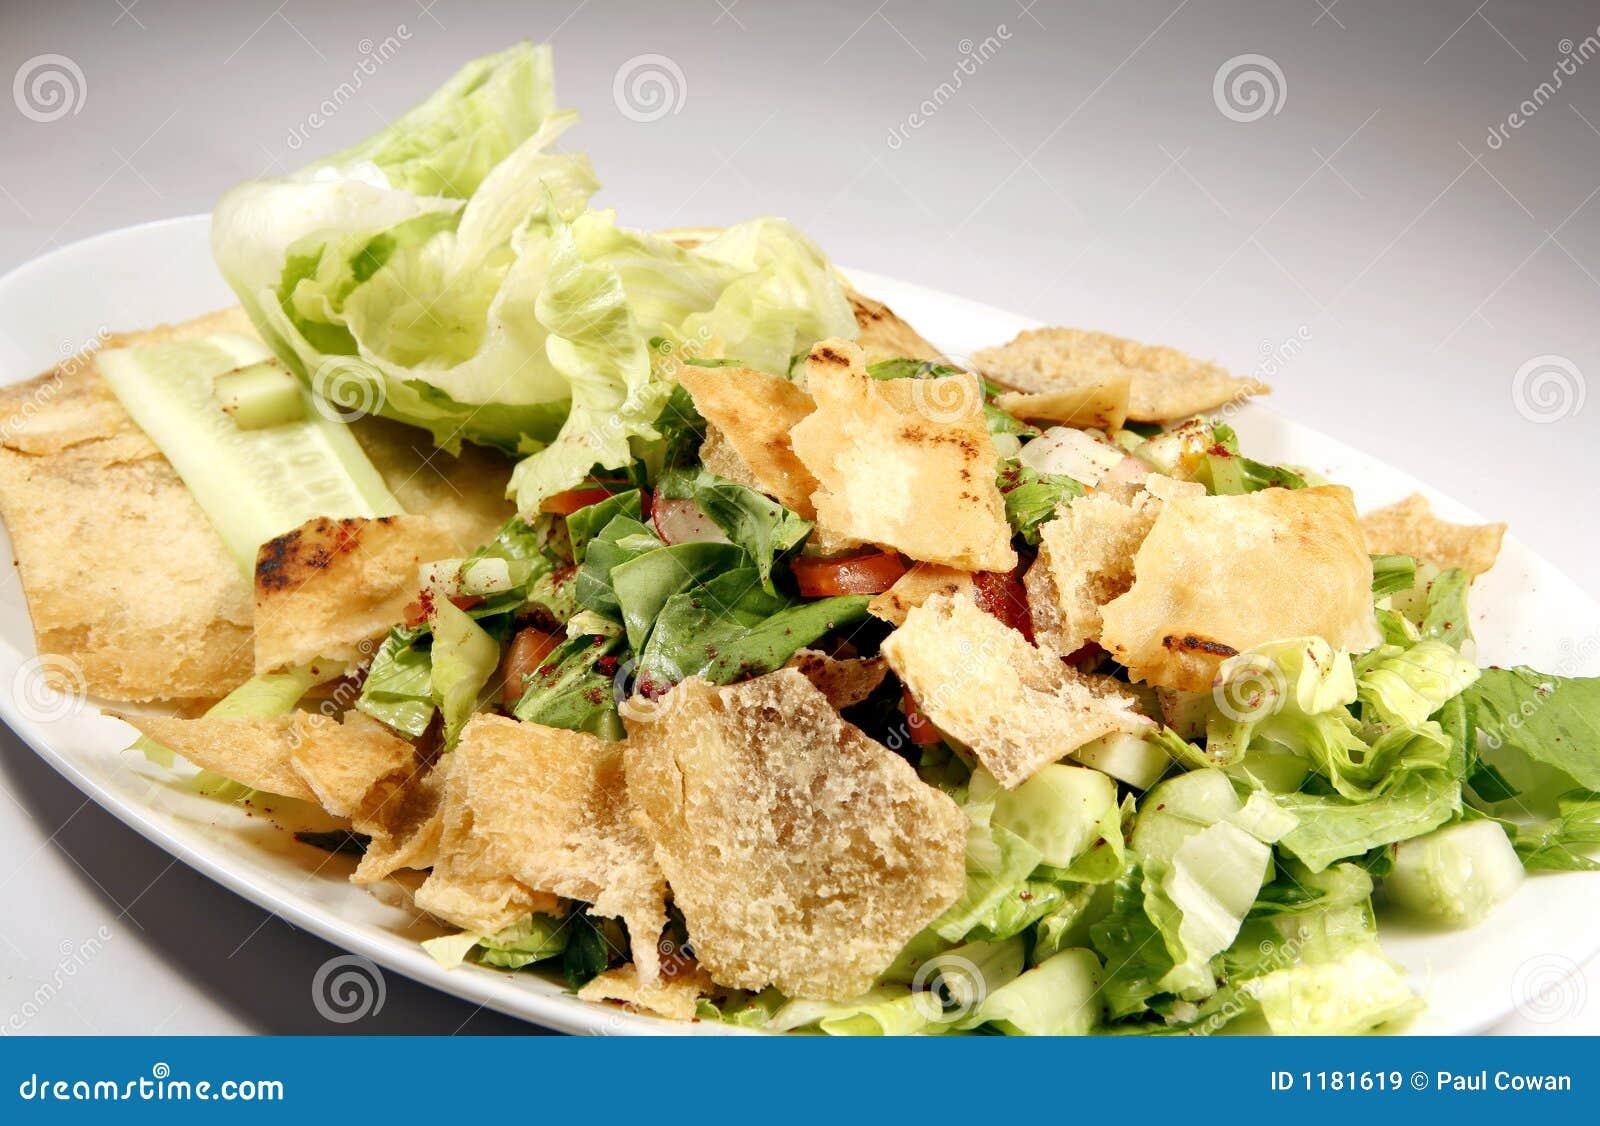 Gourmet salad 2